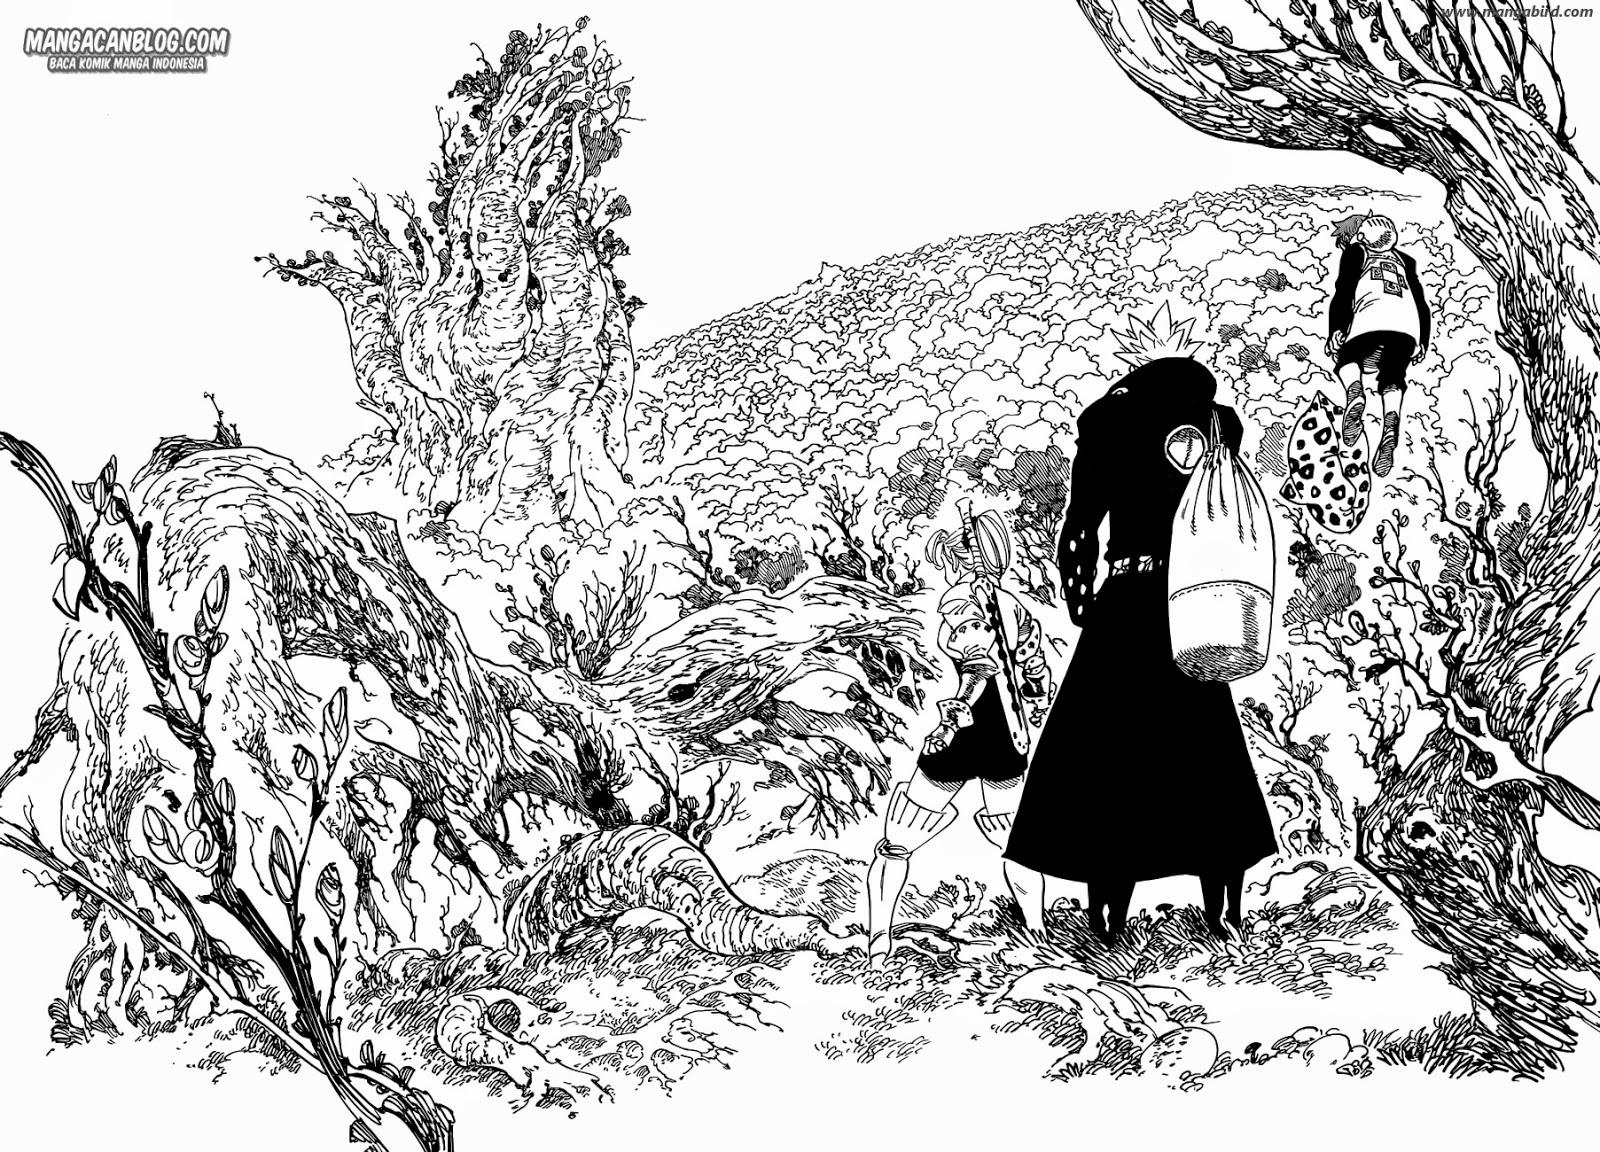 Komik nanatsu no taizai 104 - chapter 104 105 Indonesia nanatsu no taizai 104 - chapter 104 Terbaru 15|Baca Manga Komik Indonesia